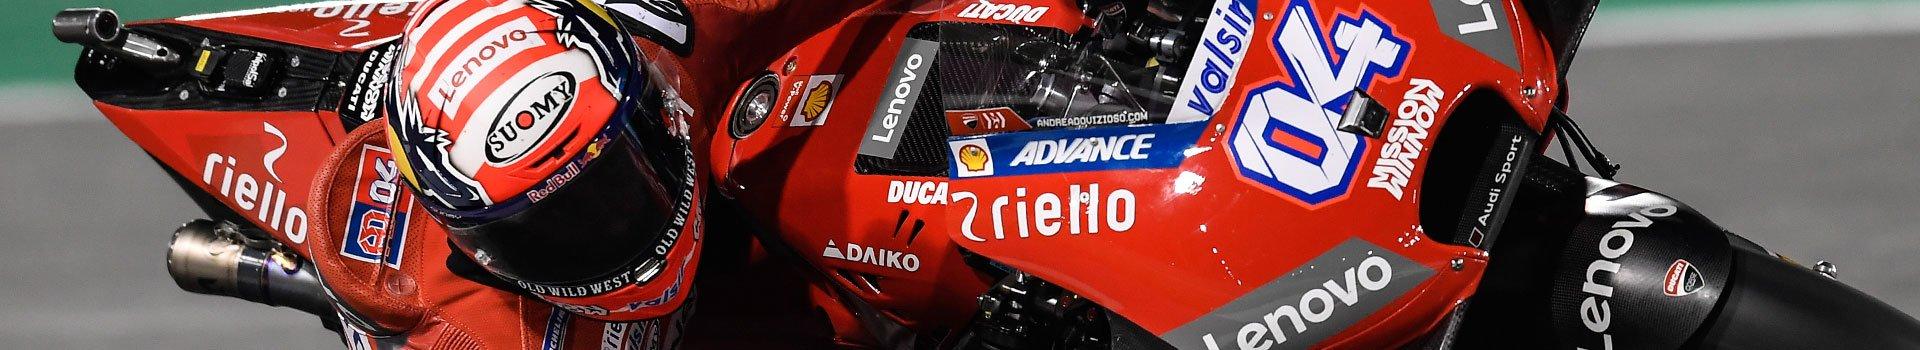 04 Andrea Dovizioso